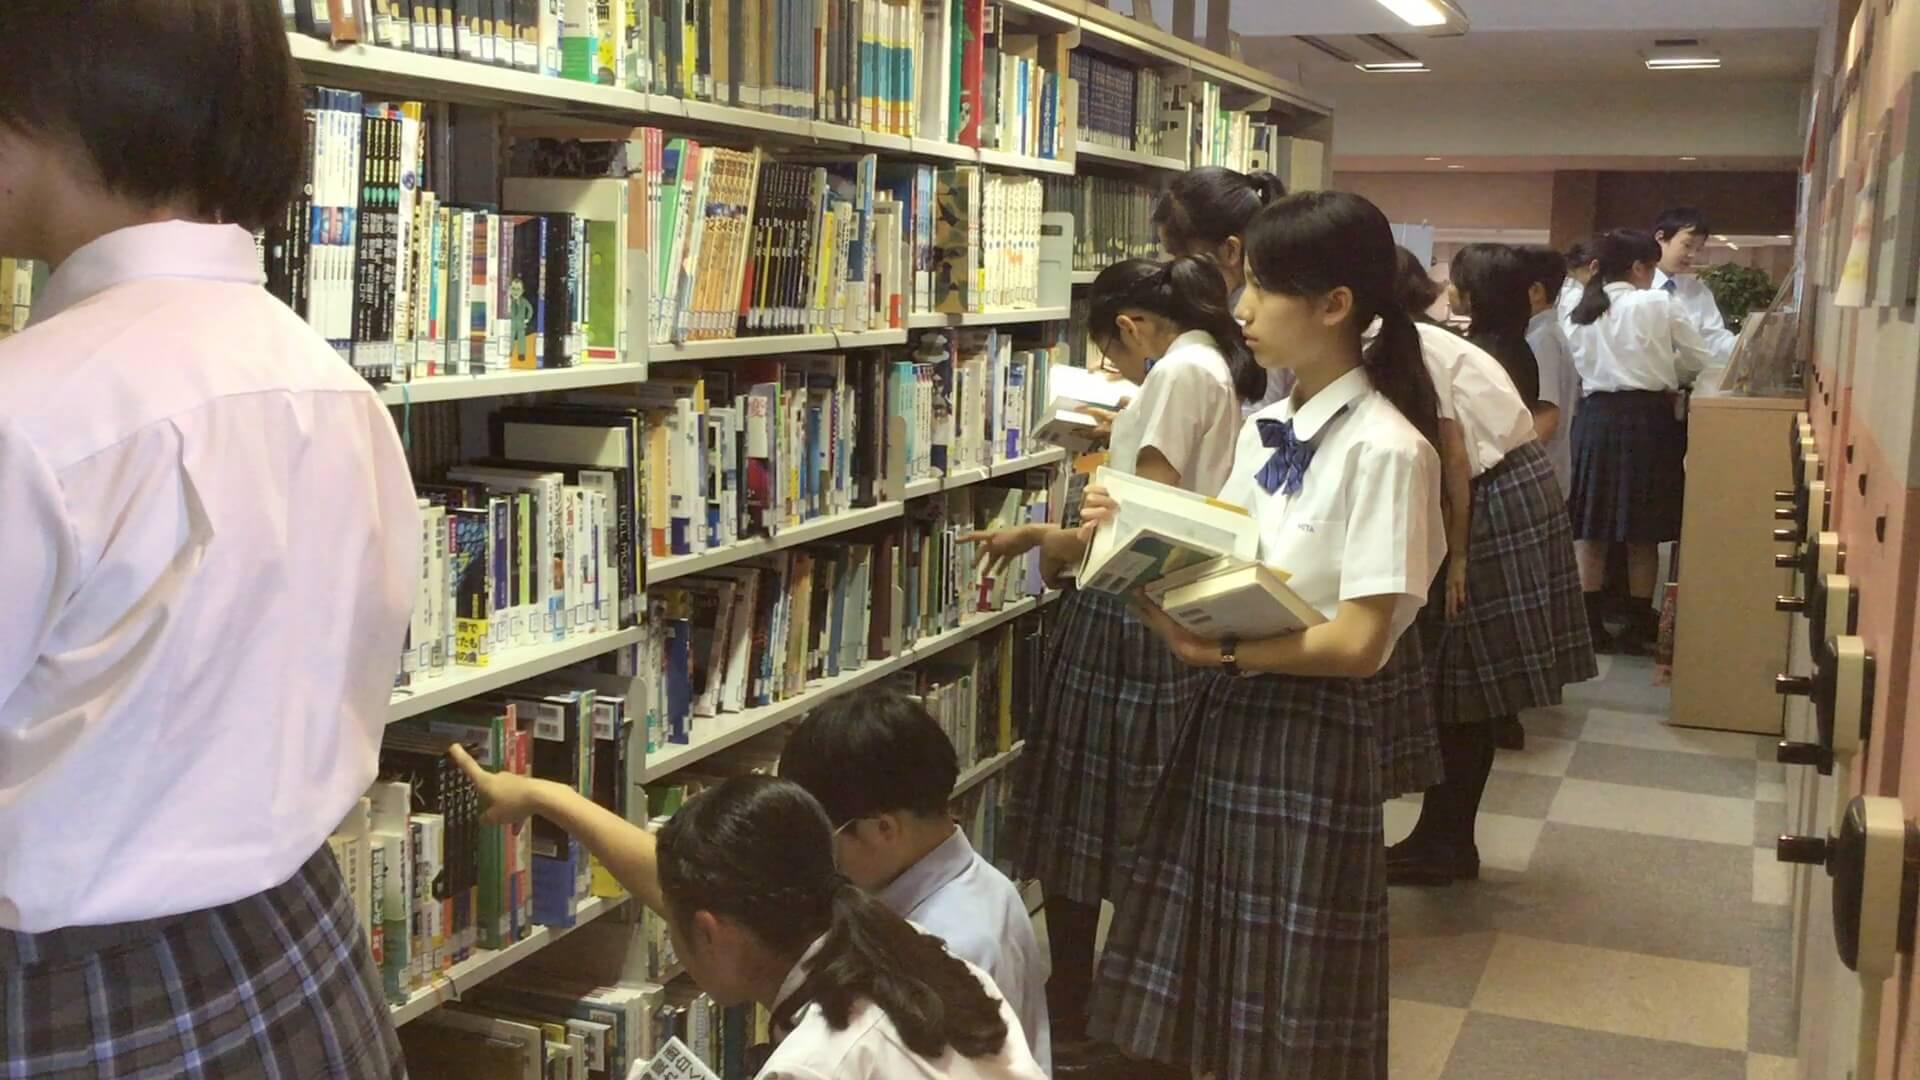 ワークショップのために本を選ぶ生徒たち